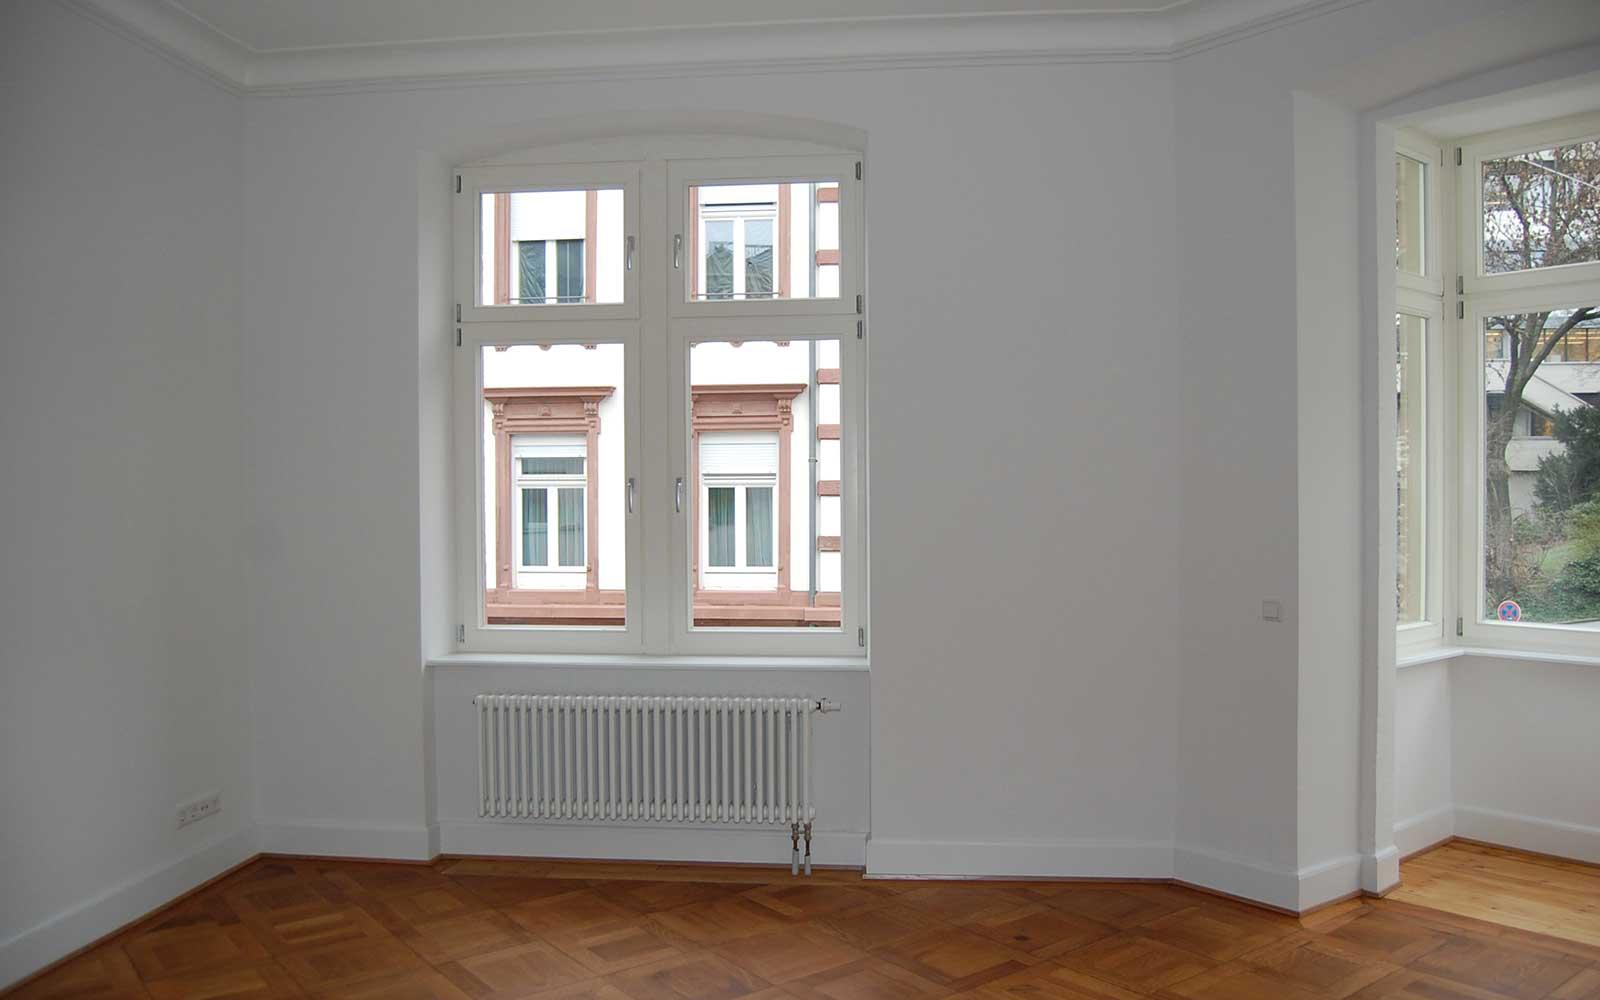 Mehrfamilienhaus in der Weststadt Heidelberg, Architektur Heidelberg